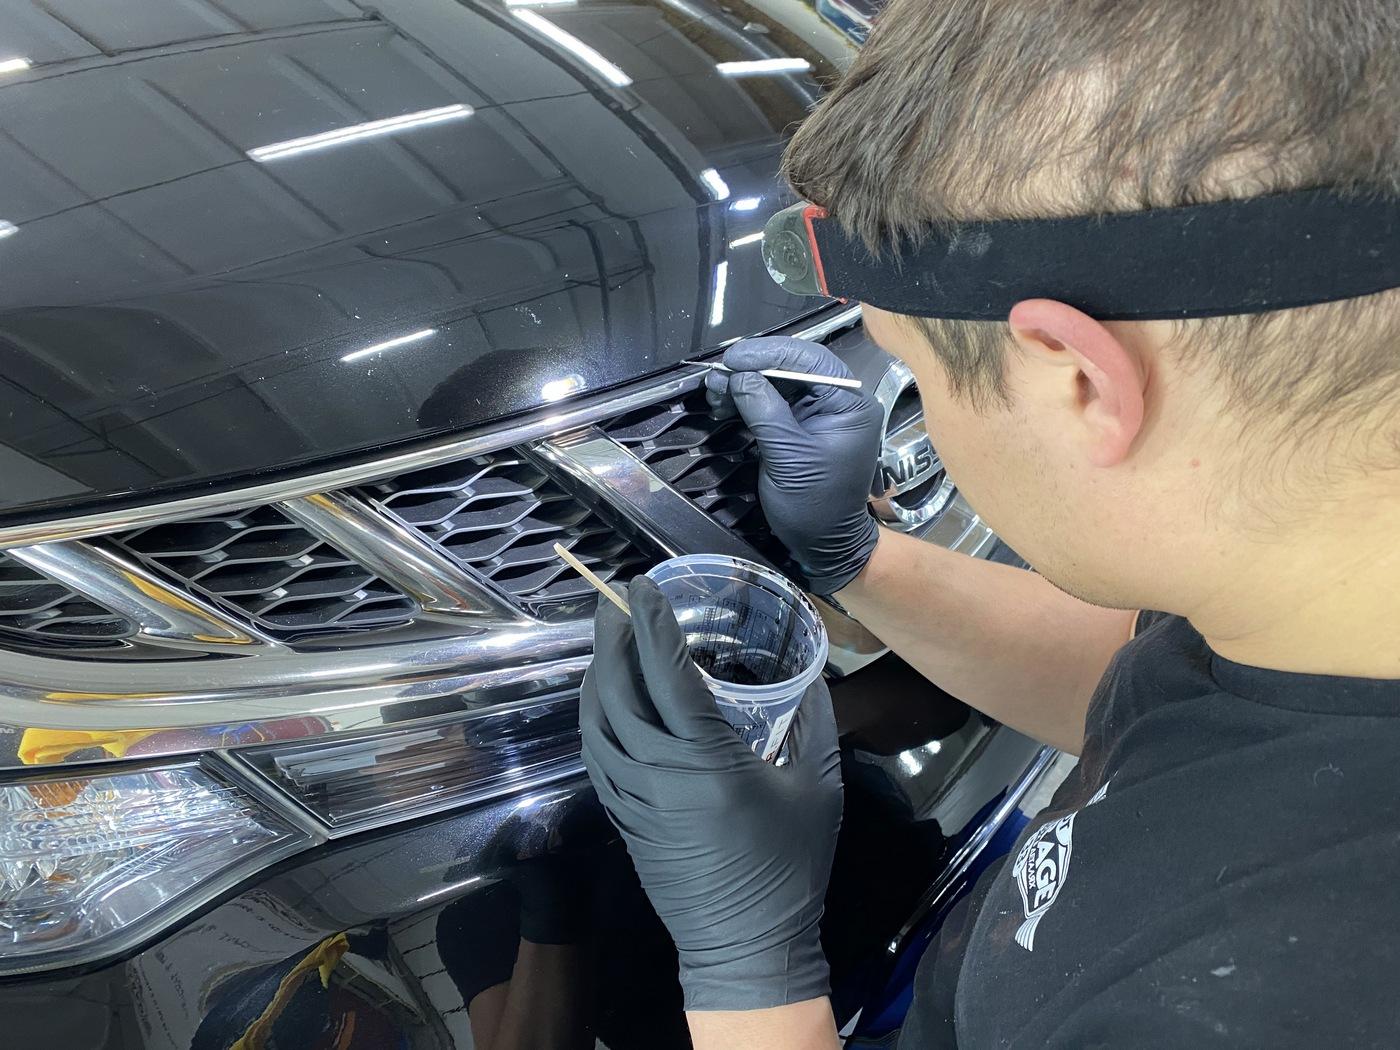 Защита кузова автомобиля керамикой в городе Владимире. Где делают? Куда ехать?